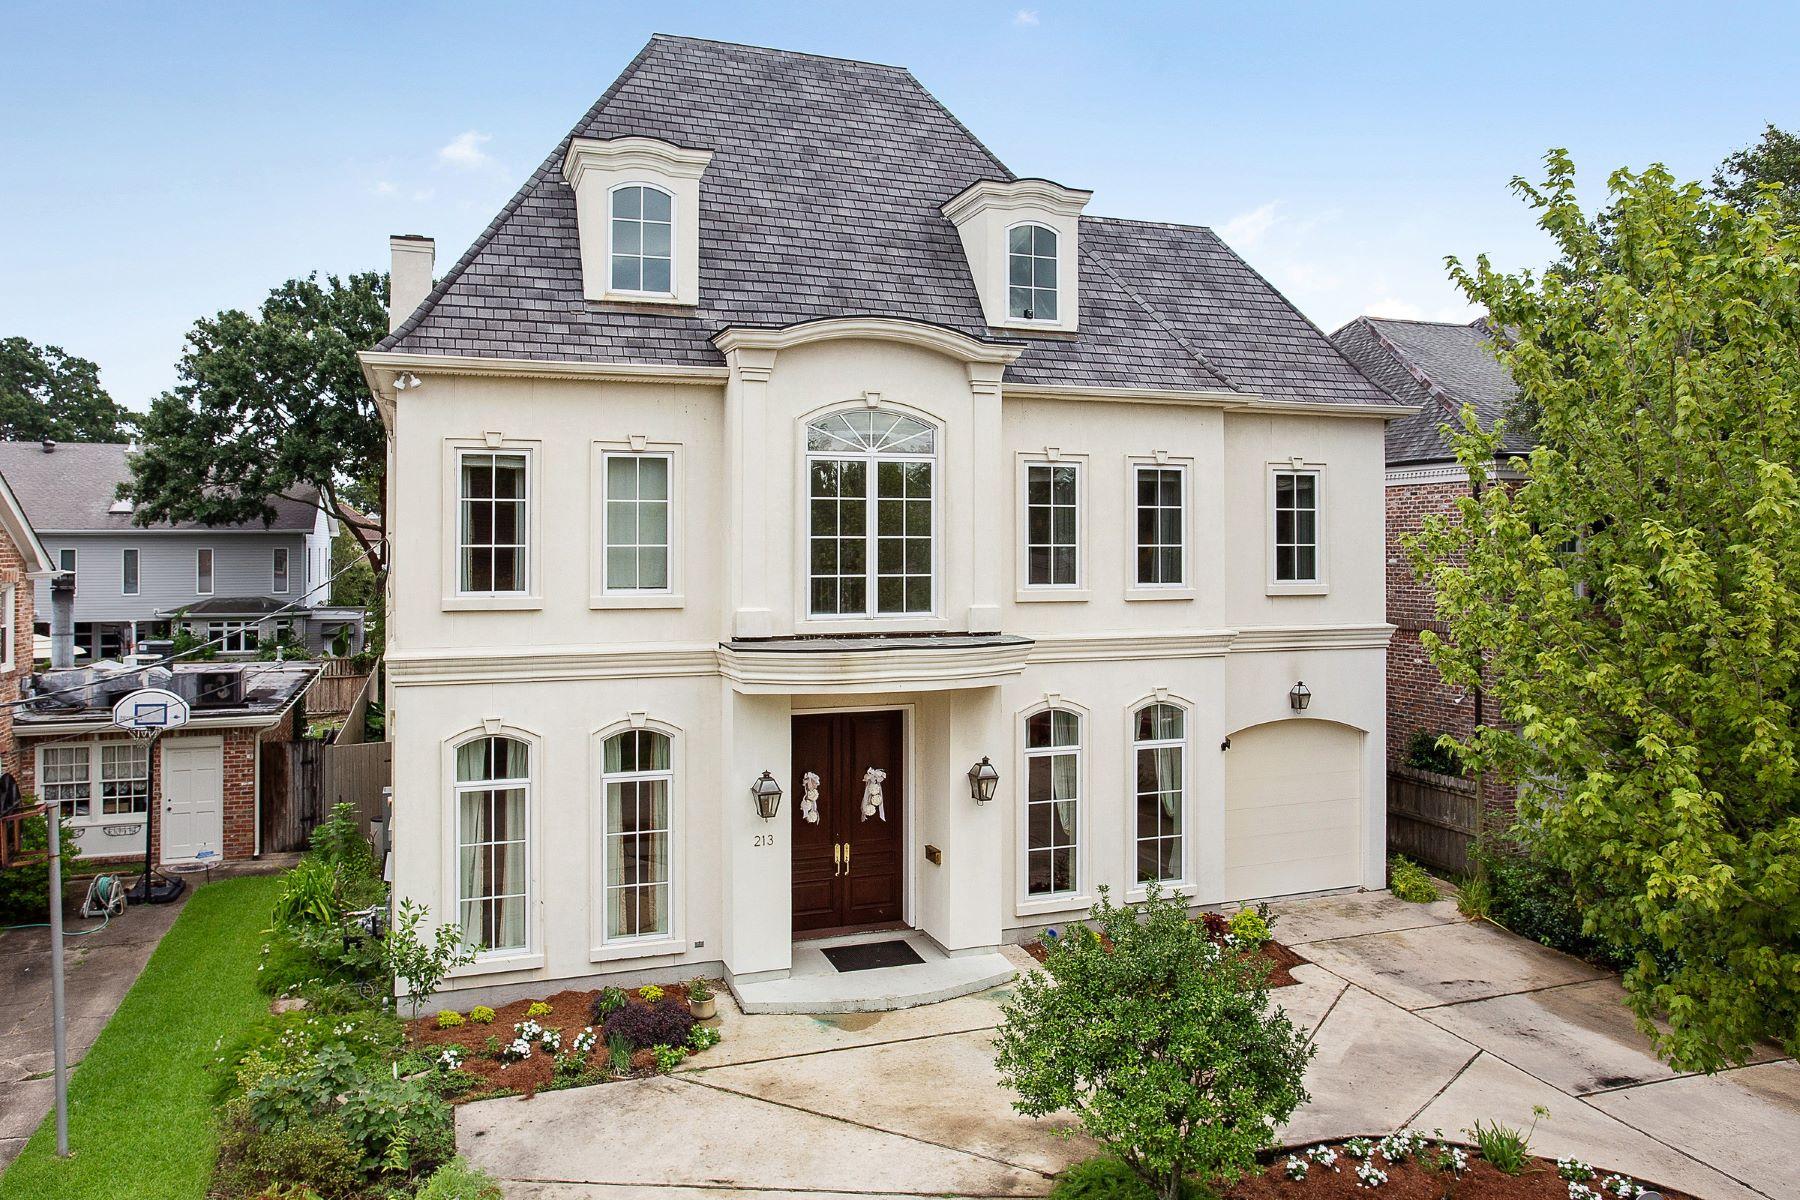 Casa Unifamiliar por un Venta en 213 Sena Drive, Metairie 213 Sena Dr Metairie, Louisiana 70005 Estados Unidos